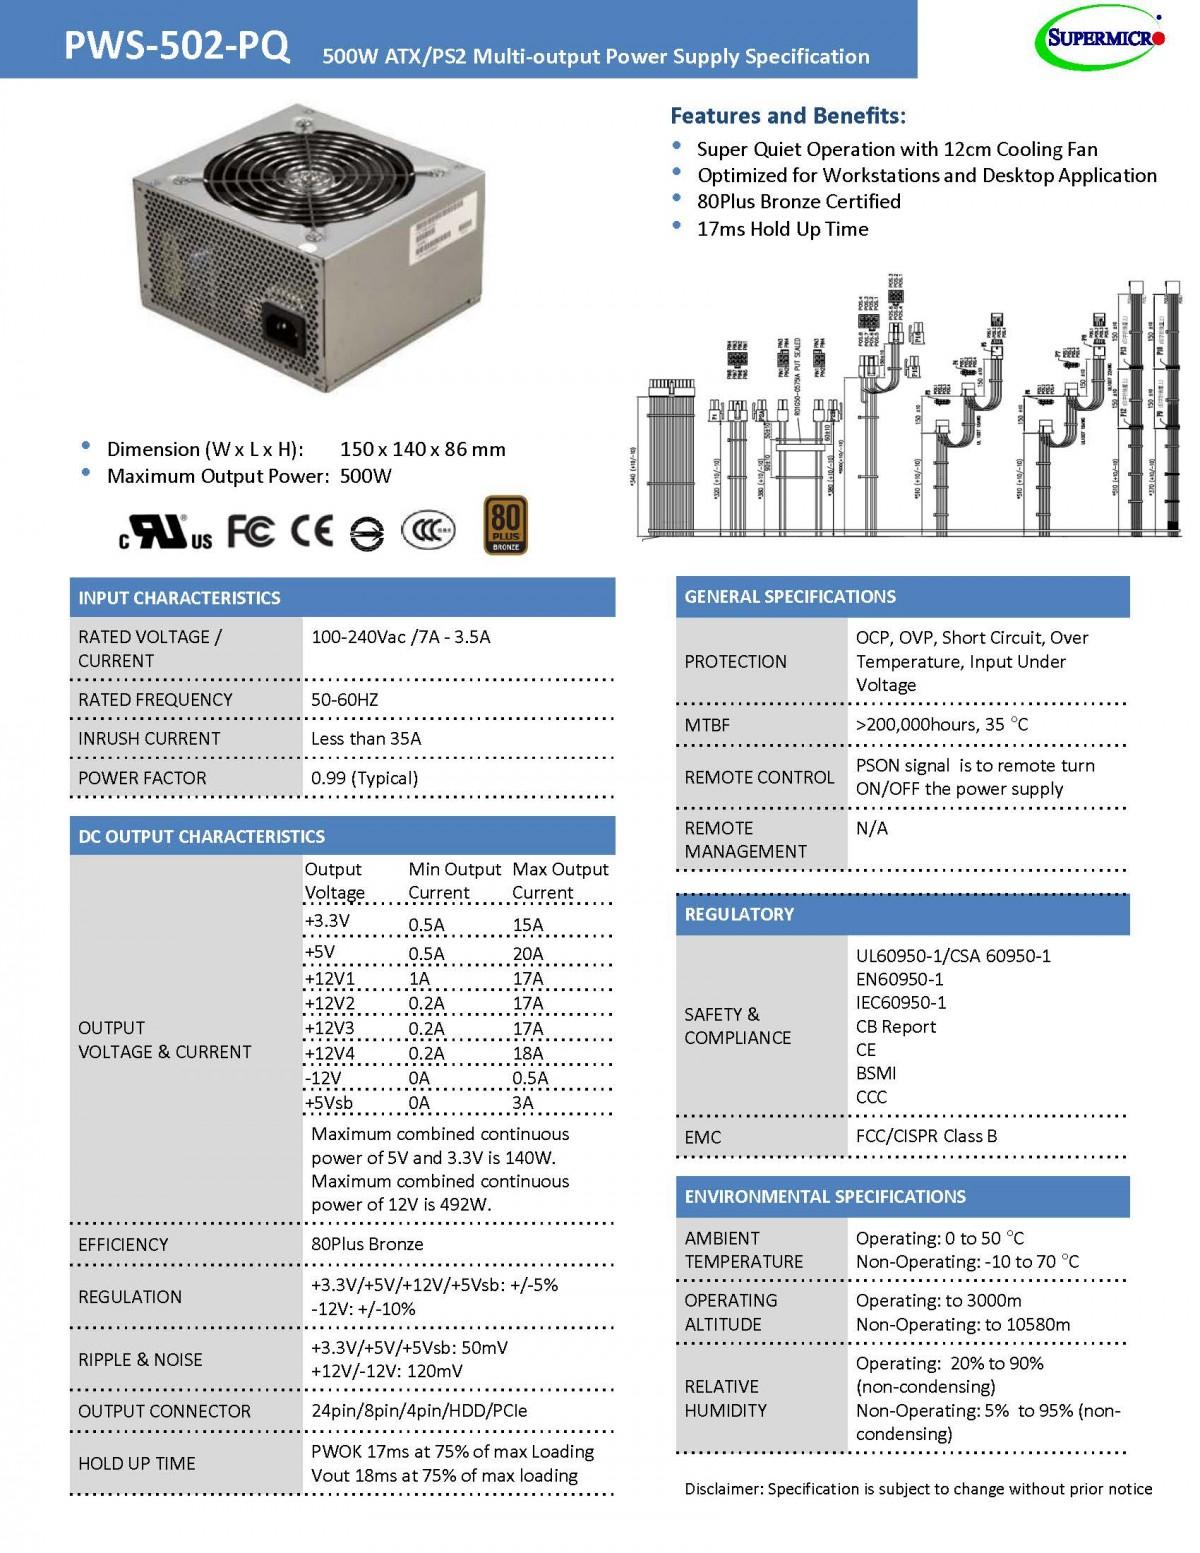 PWS-502-PQ Supermicro uyumlu Sunuuc tip Güç Kaynağı